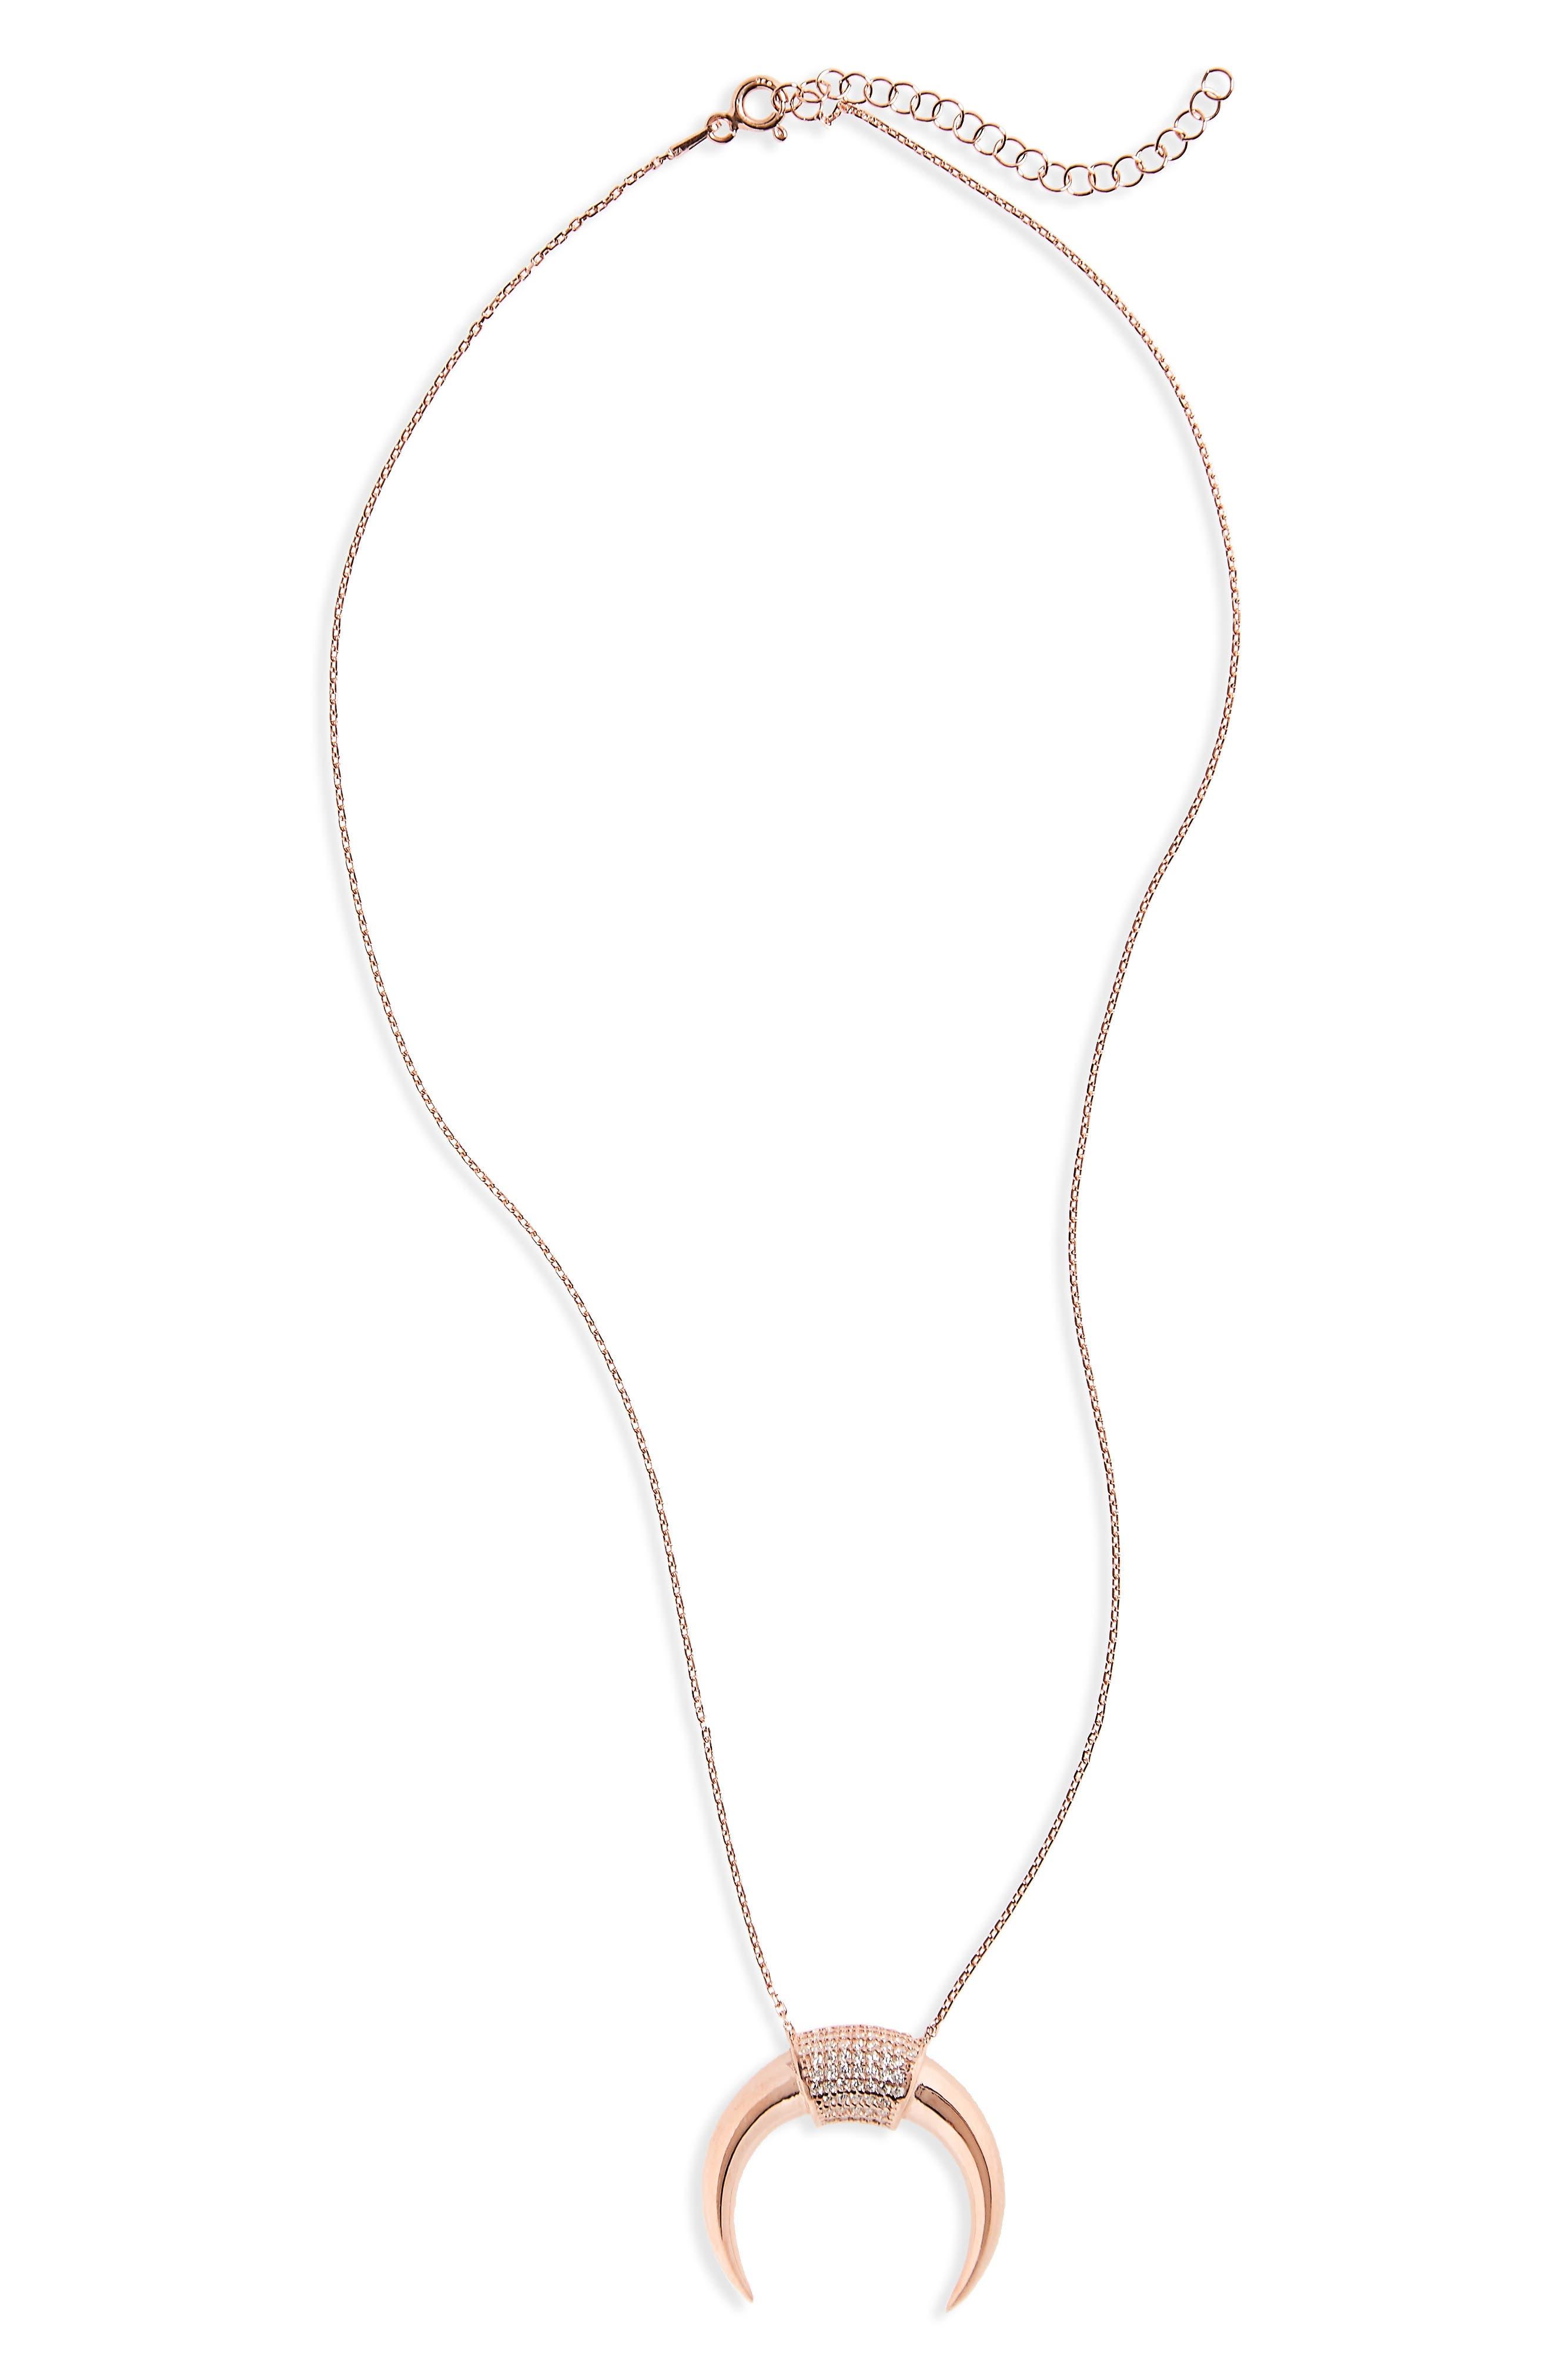 Crescent Pendant Necklace,                             Main thumbnail 1, color,                             710